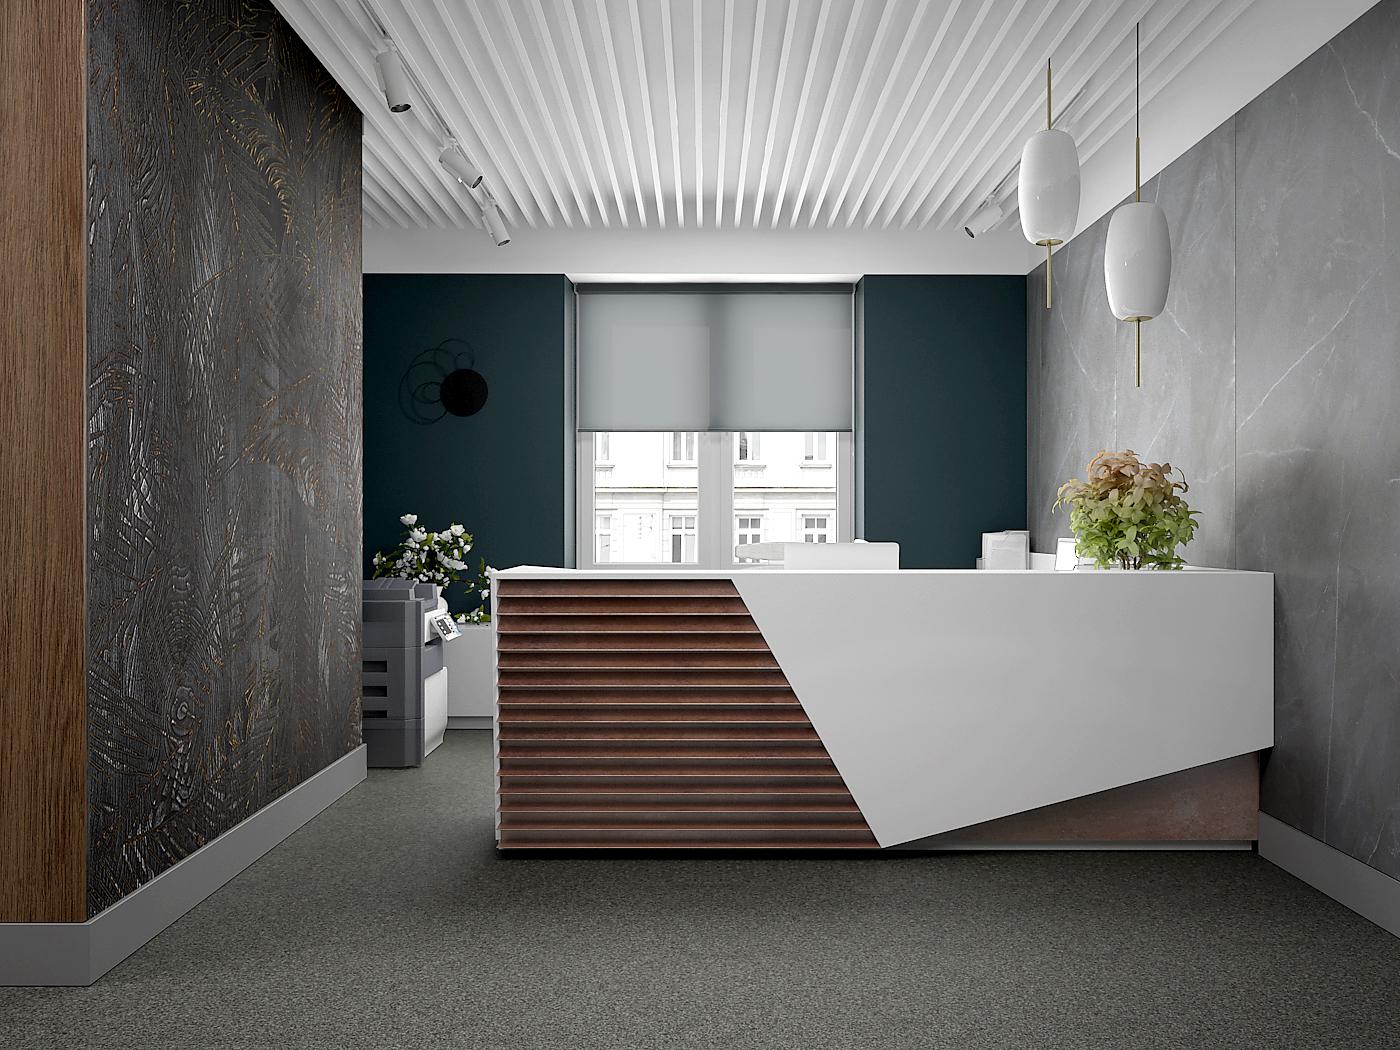 1 projekt biura B247 Kancelaria warszawa lada recepcyjna sofa w poczekalni sciana z plyty meblowej azurowy sufit tapeta na scianie